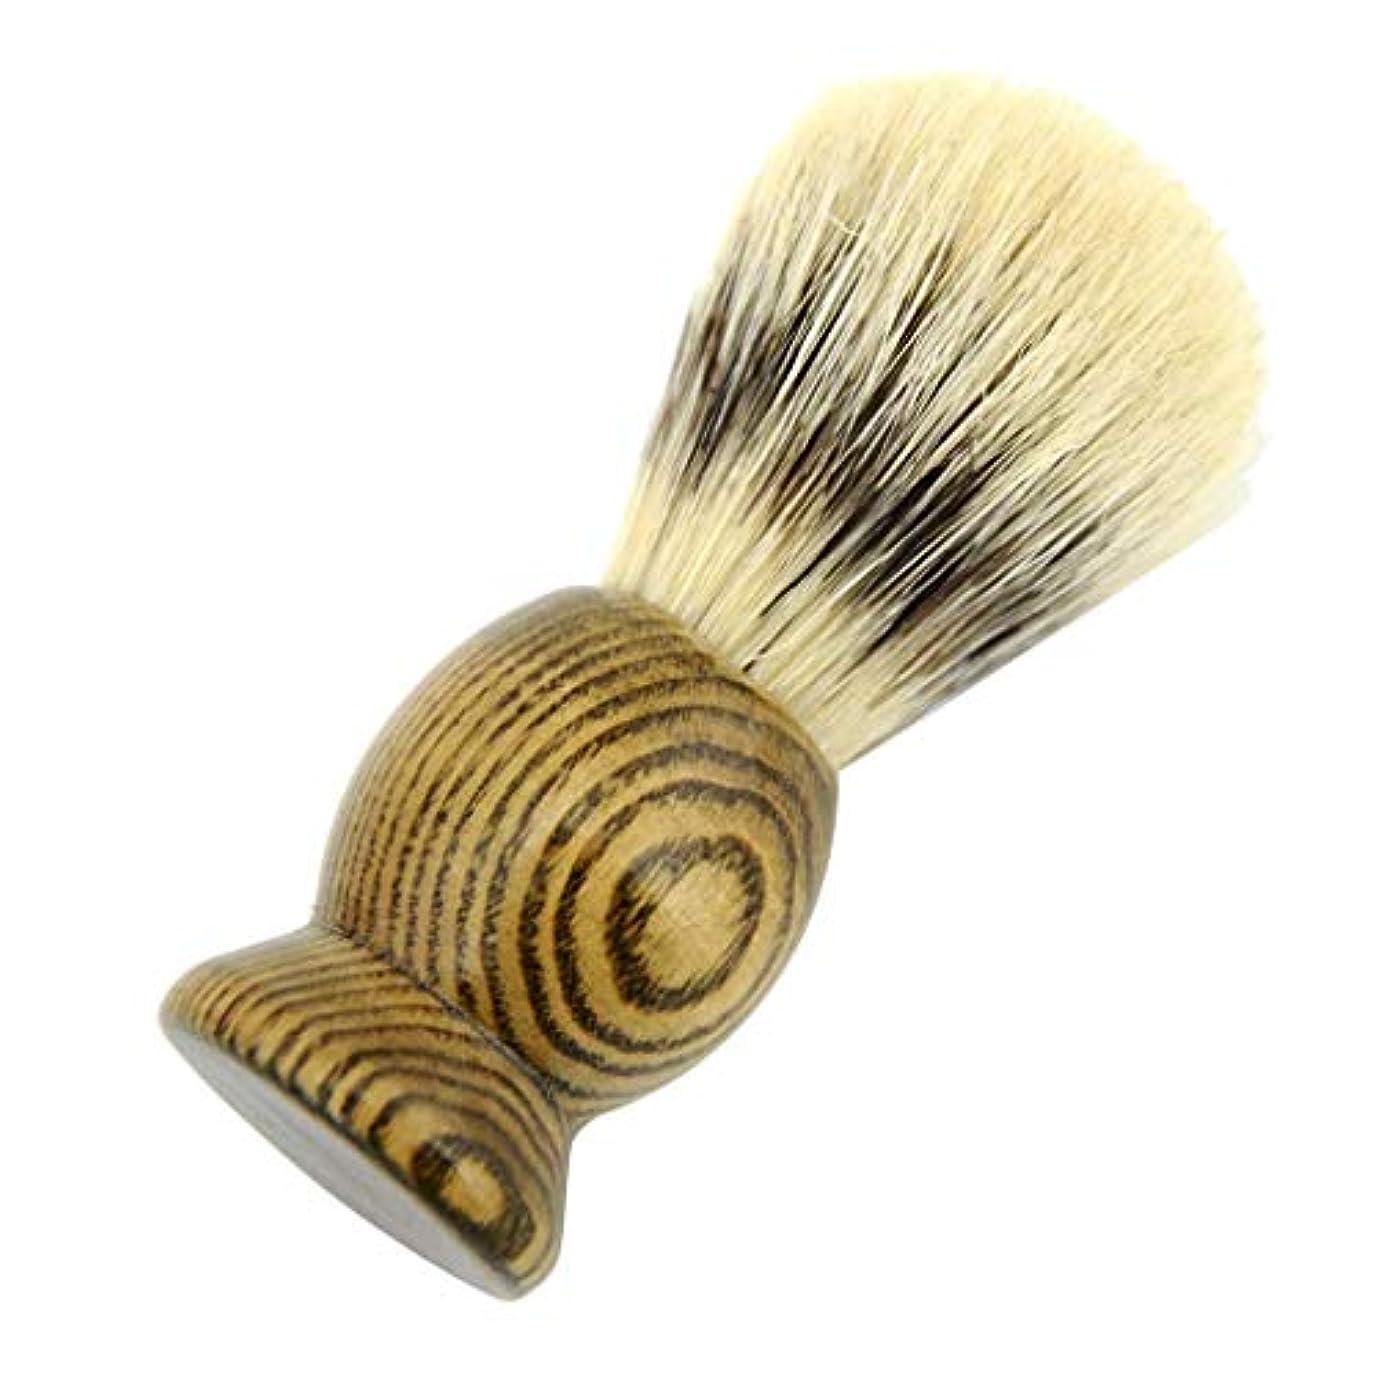 願う里親独特のひげブラシ メンズ シェービングブラシ 髭剃り 理容 洗顔 ポータブルひげ剃り美容ツール